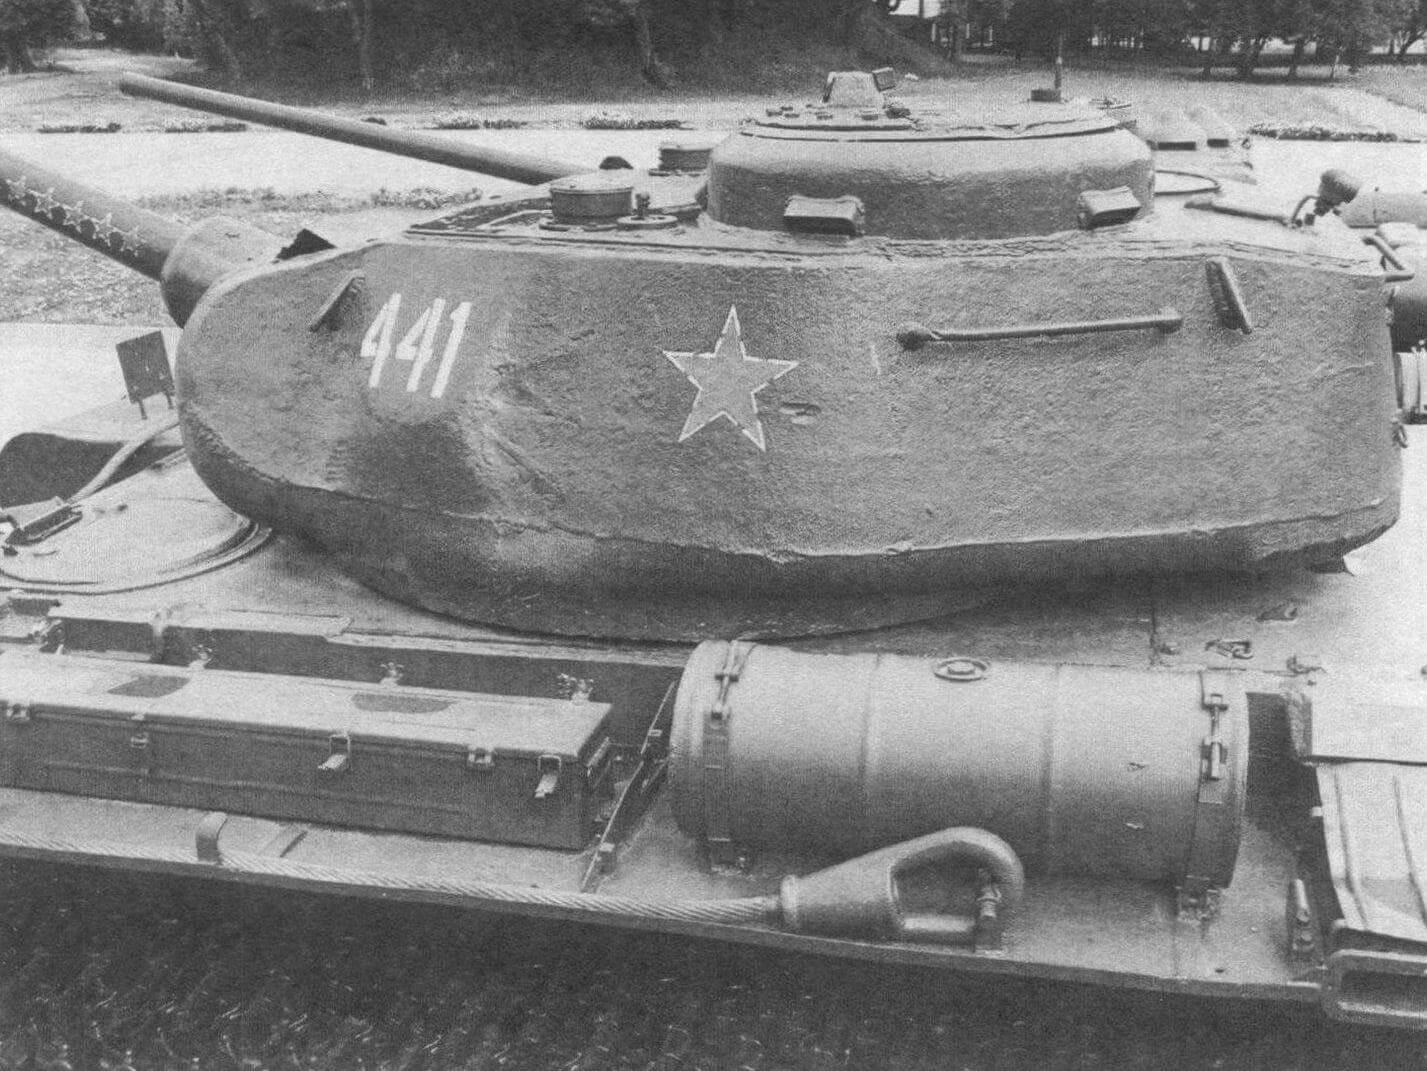 Башня танка Т-44